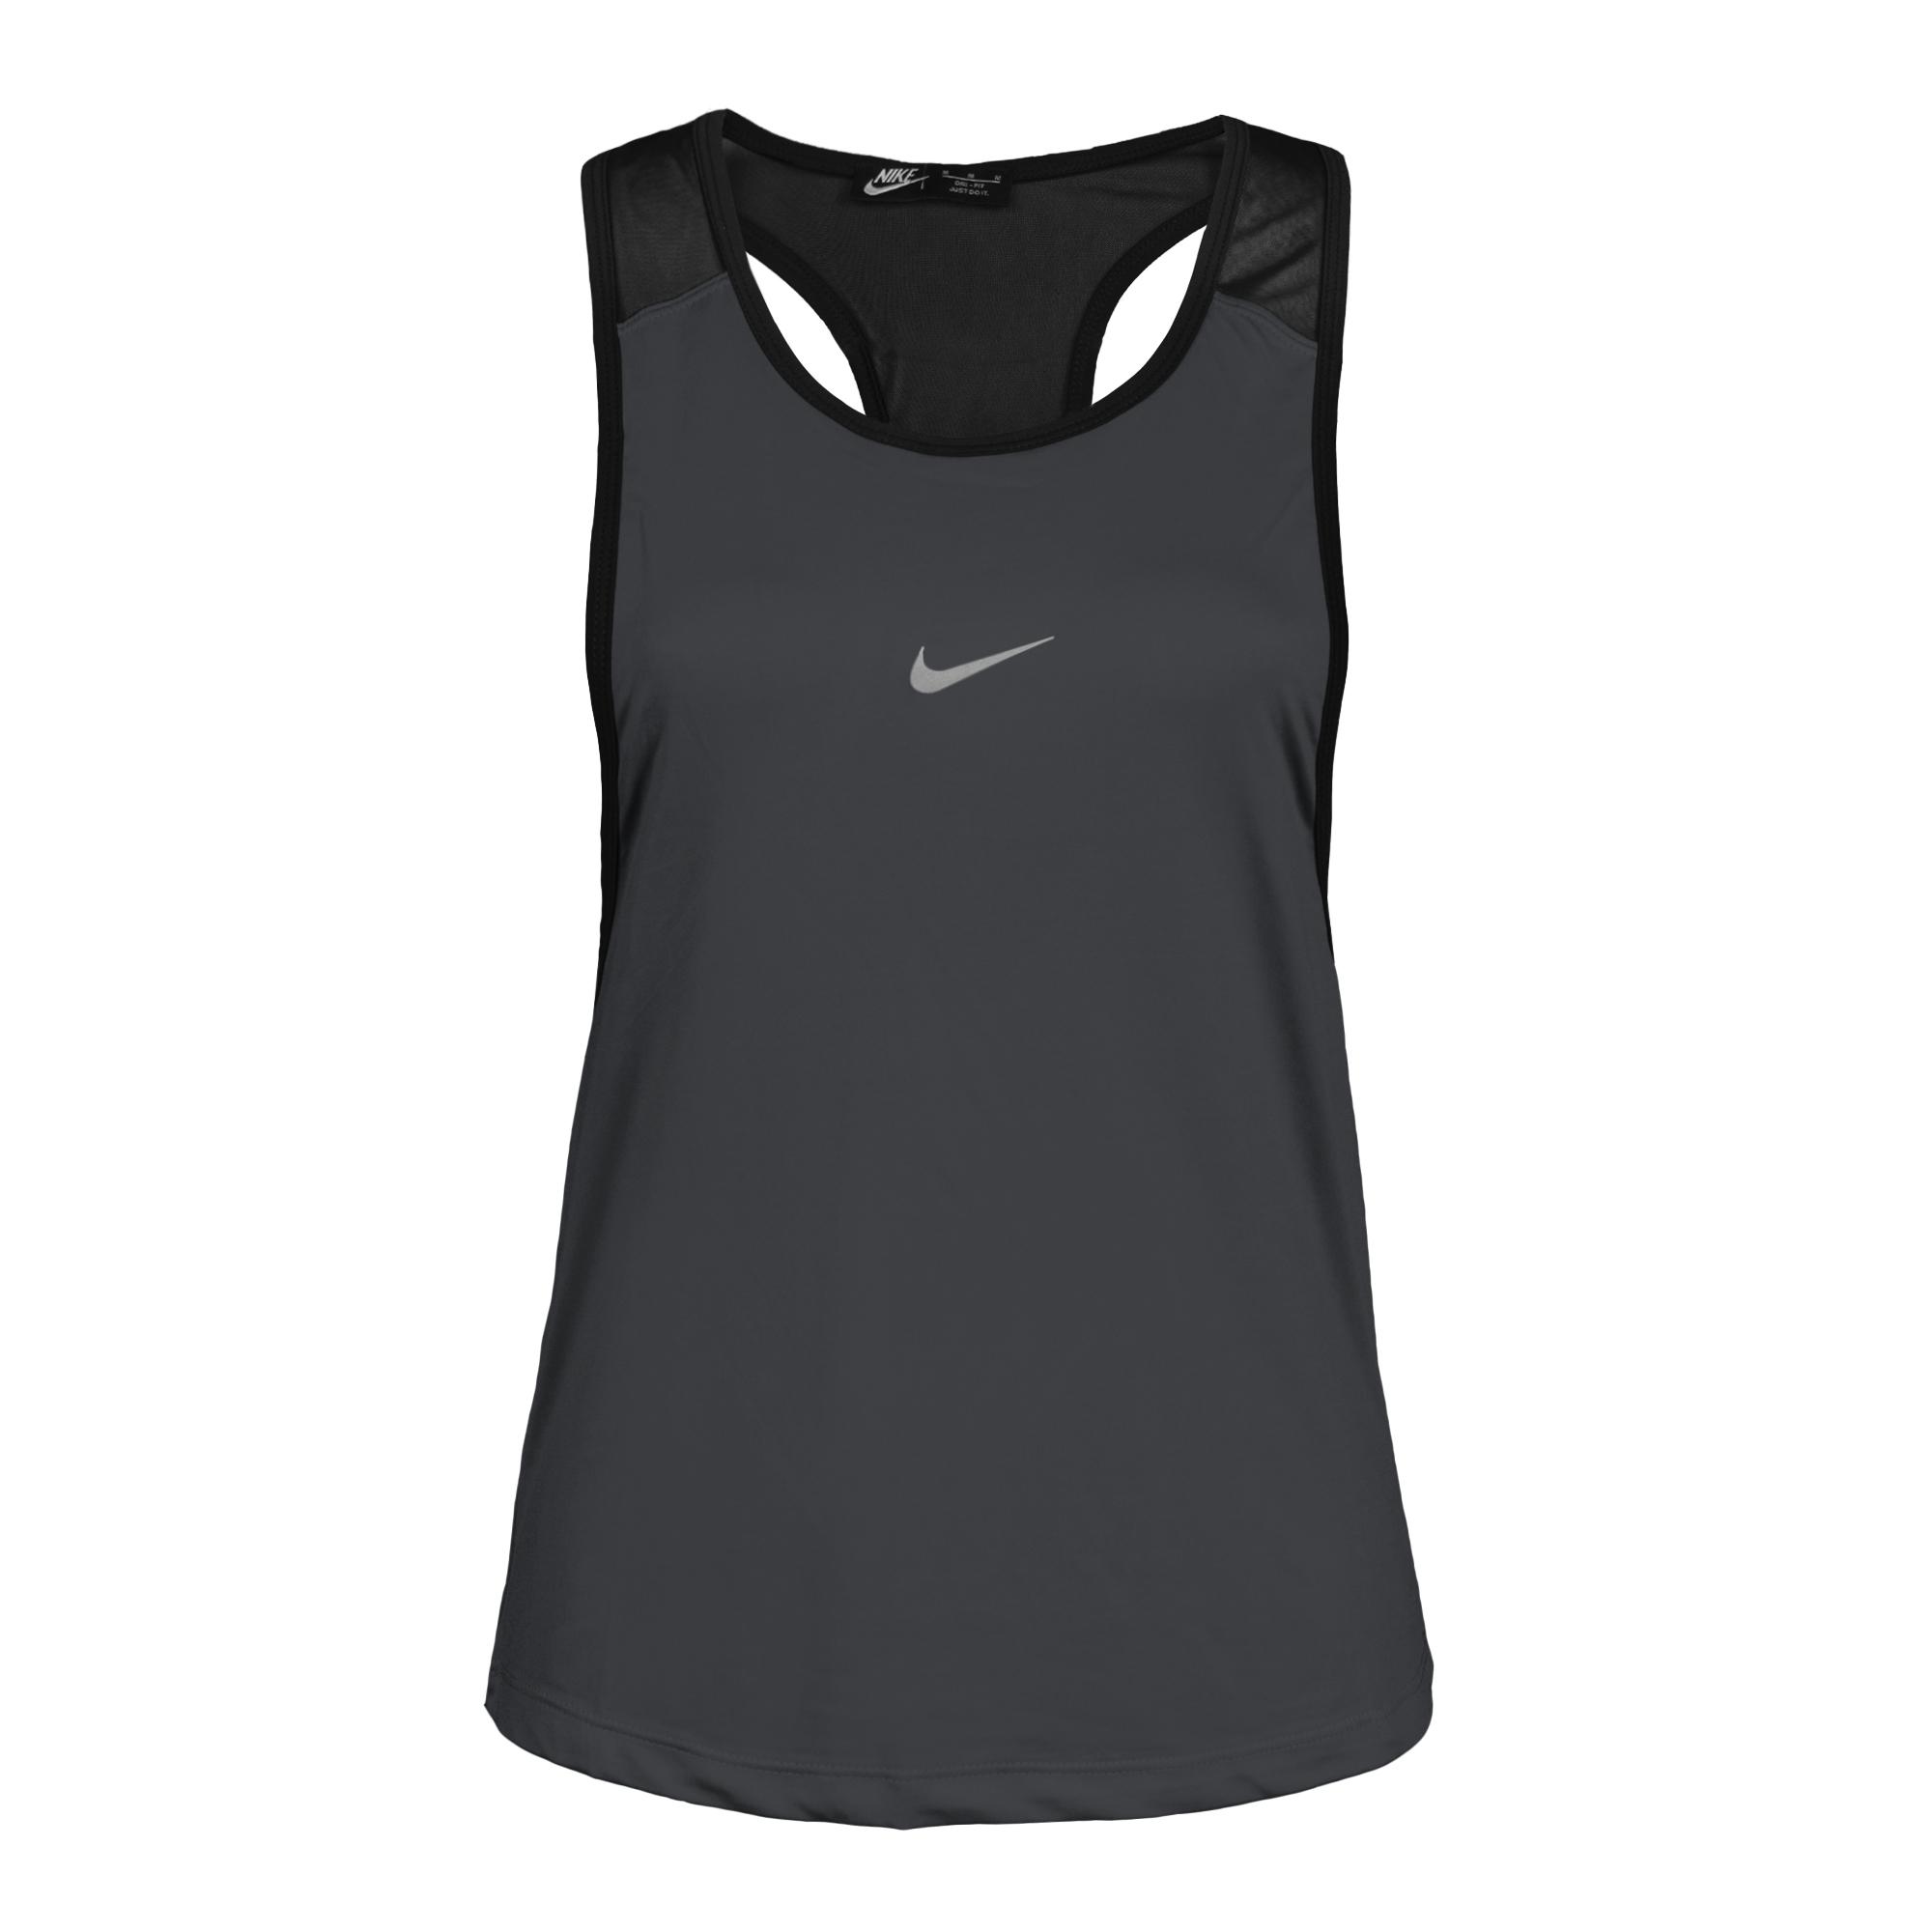 تاپ ورزشی زنانه کد 031-2378 غیر اصل